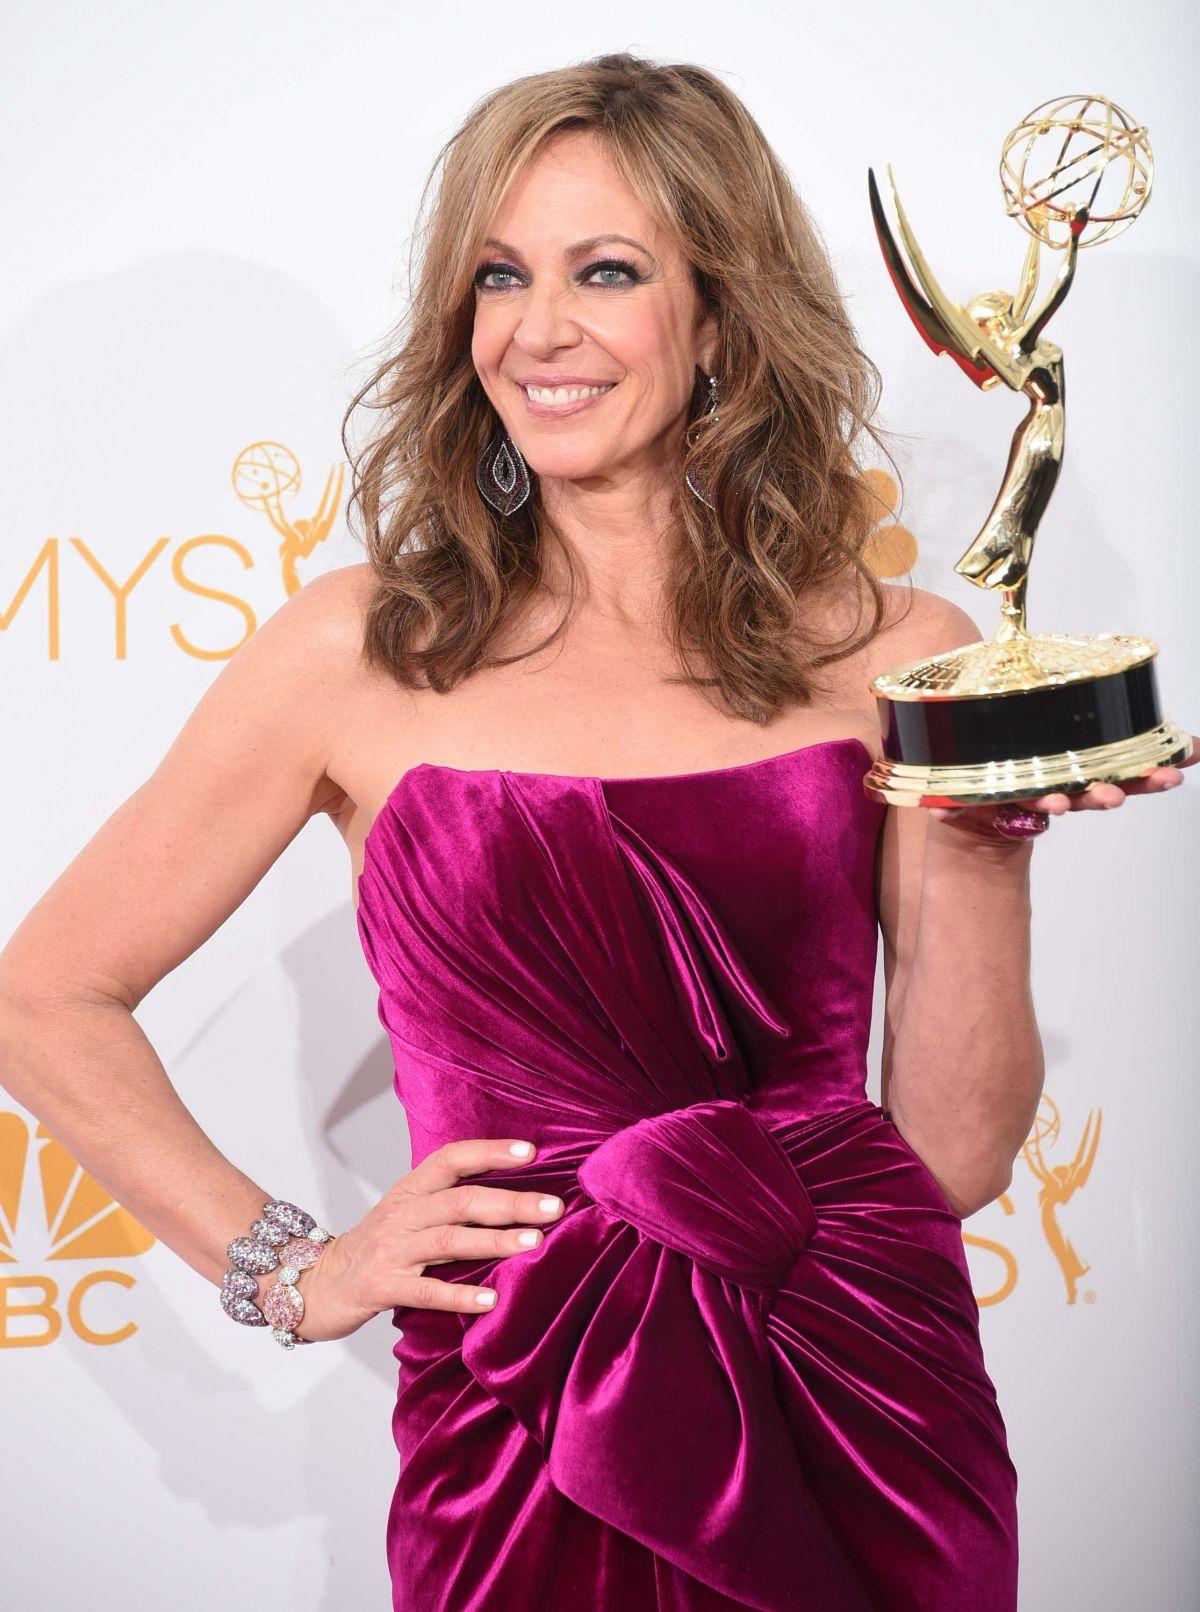 ALLISON JANNEY at 2014 Emmy Awards